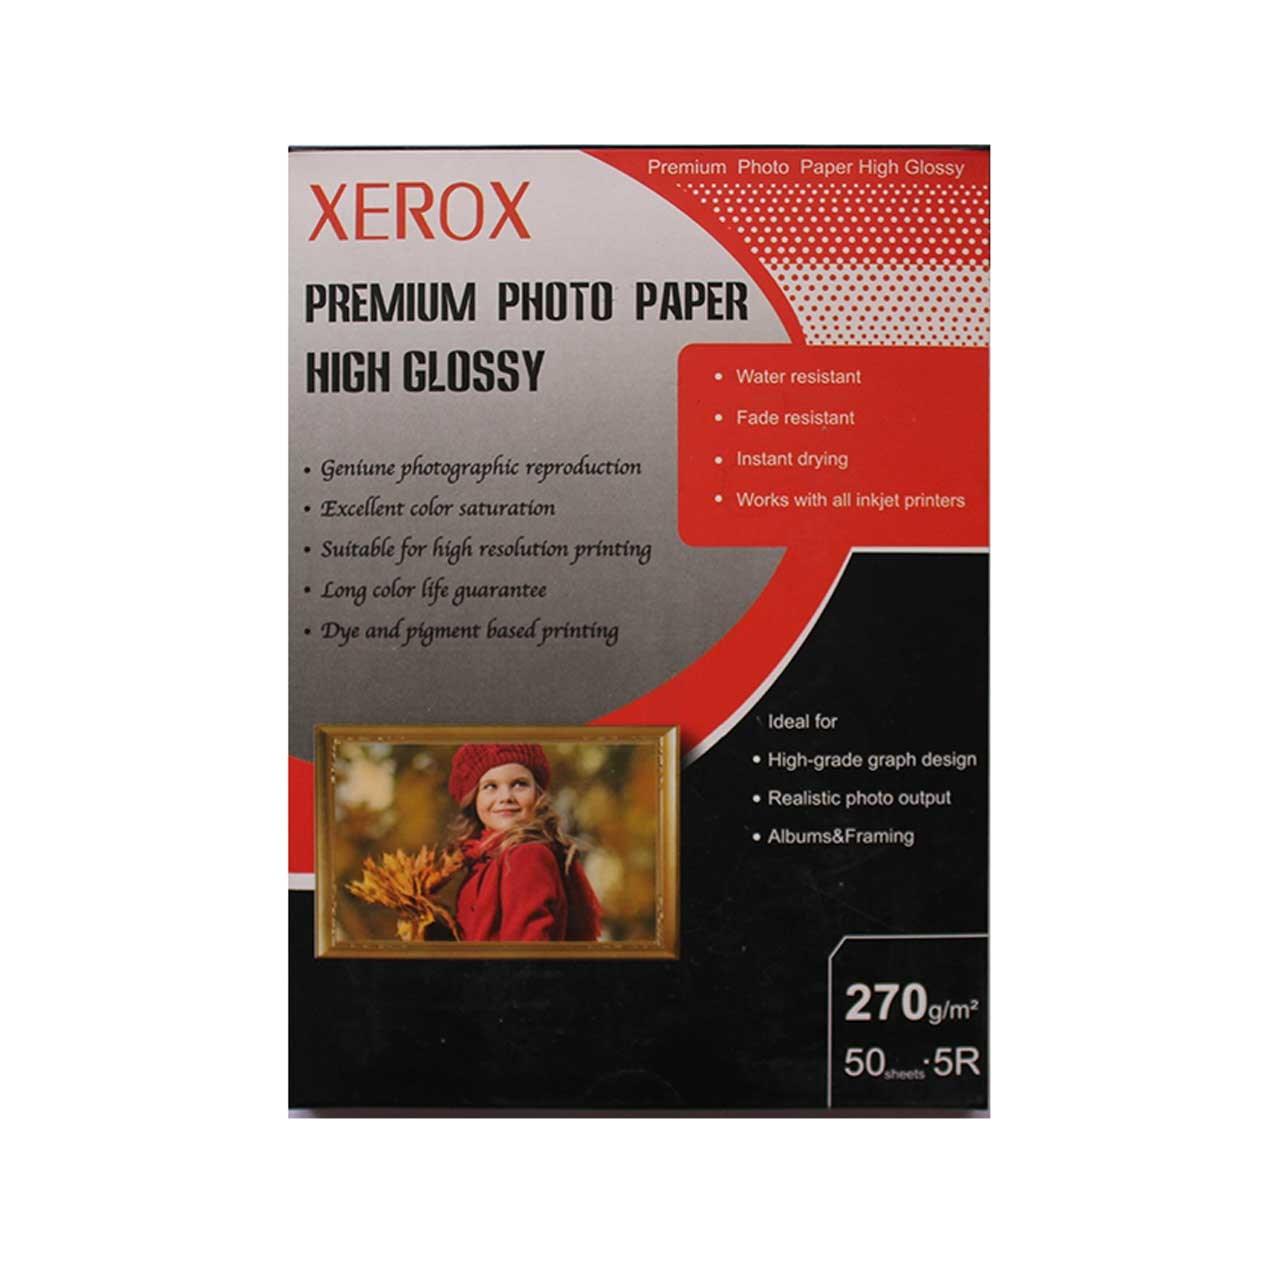 قیمت                      کاغذ عکس زیراکس مدل High Glossy سایز  A5 بسته 50 عددی